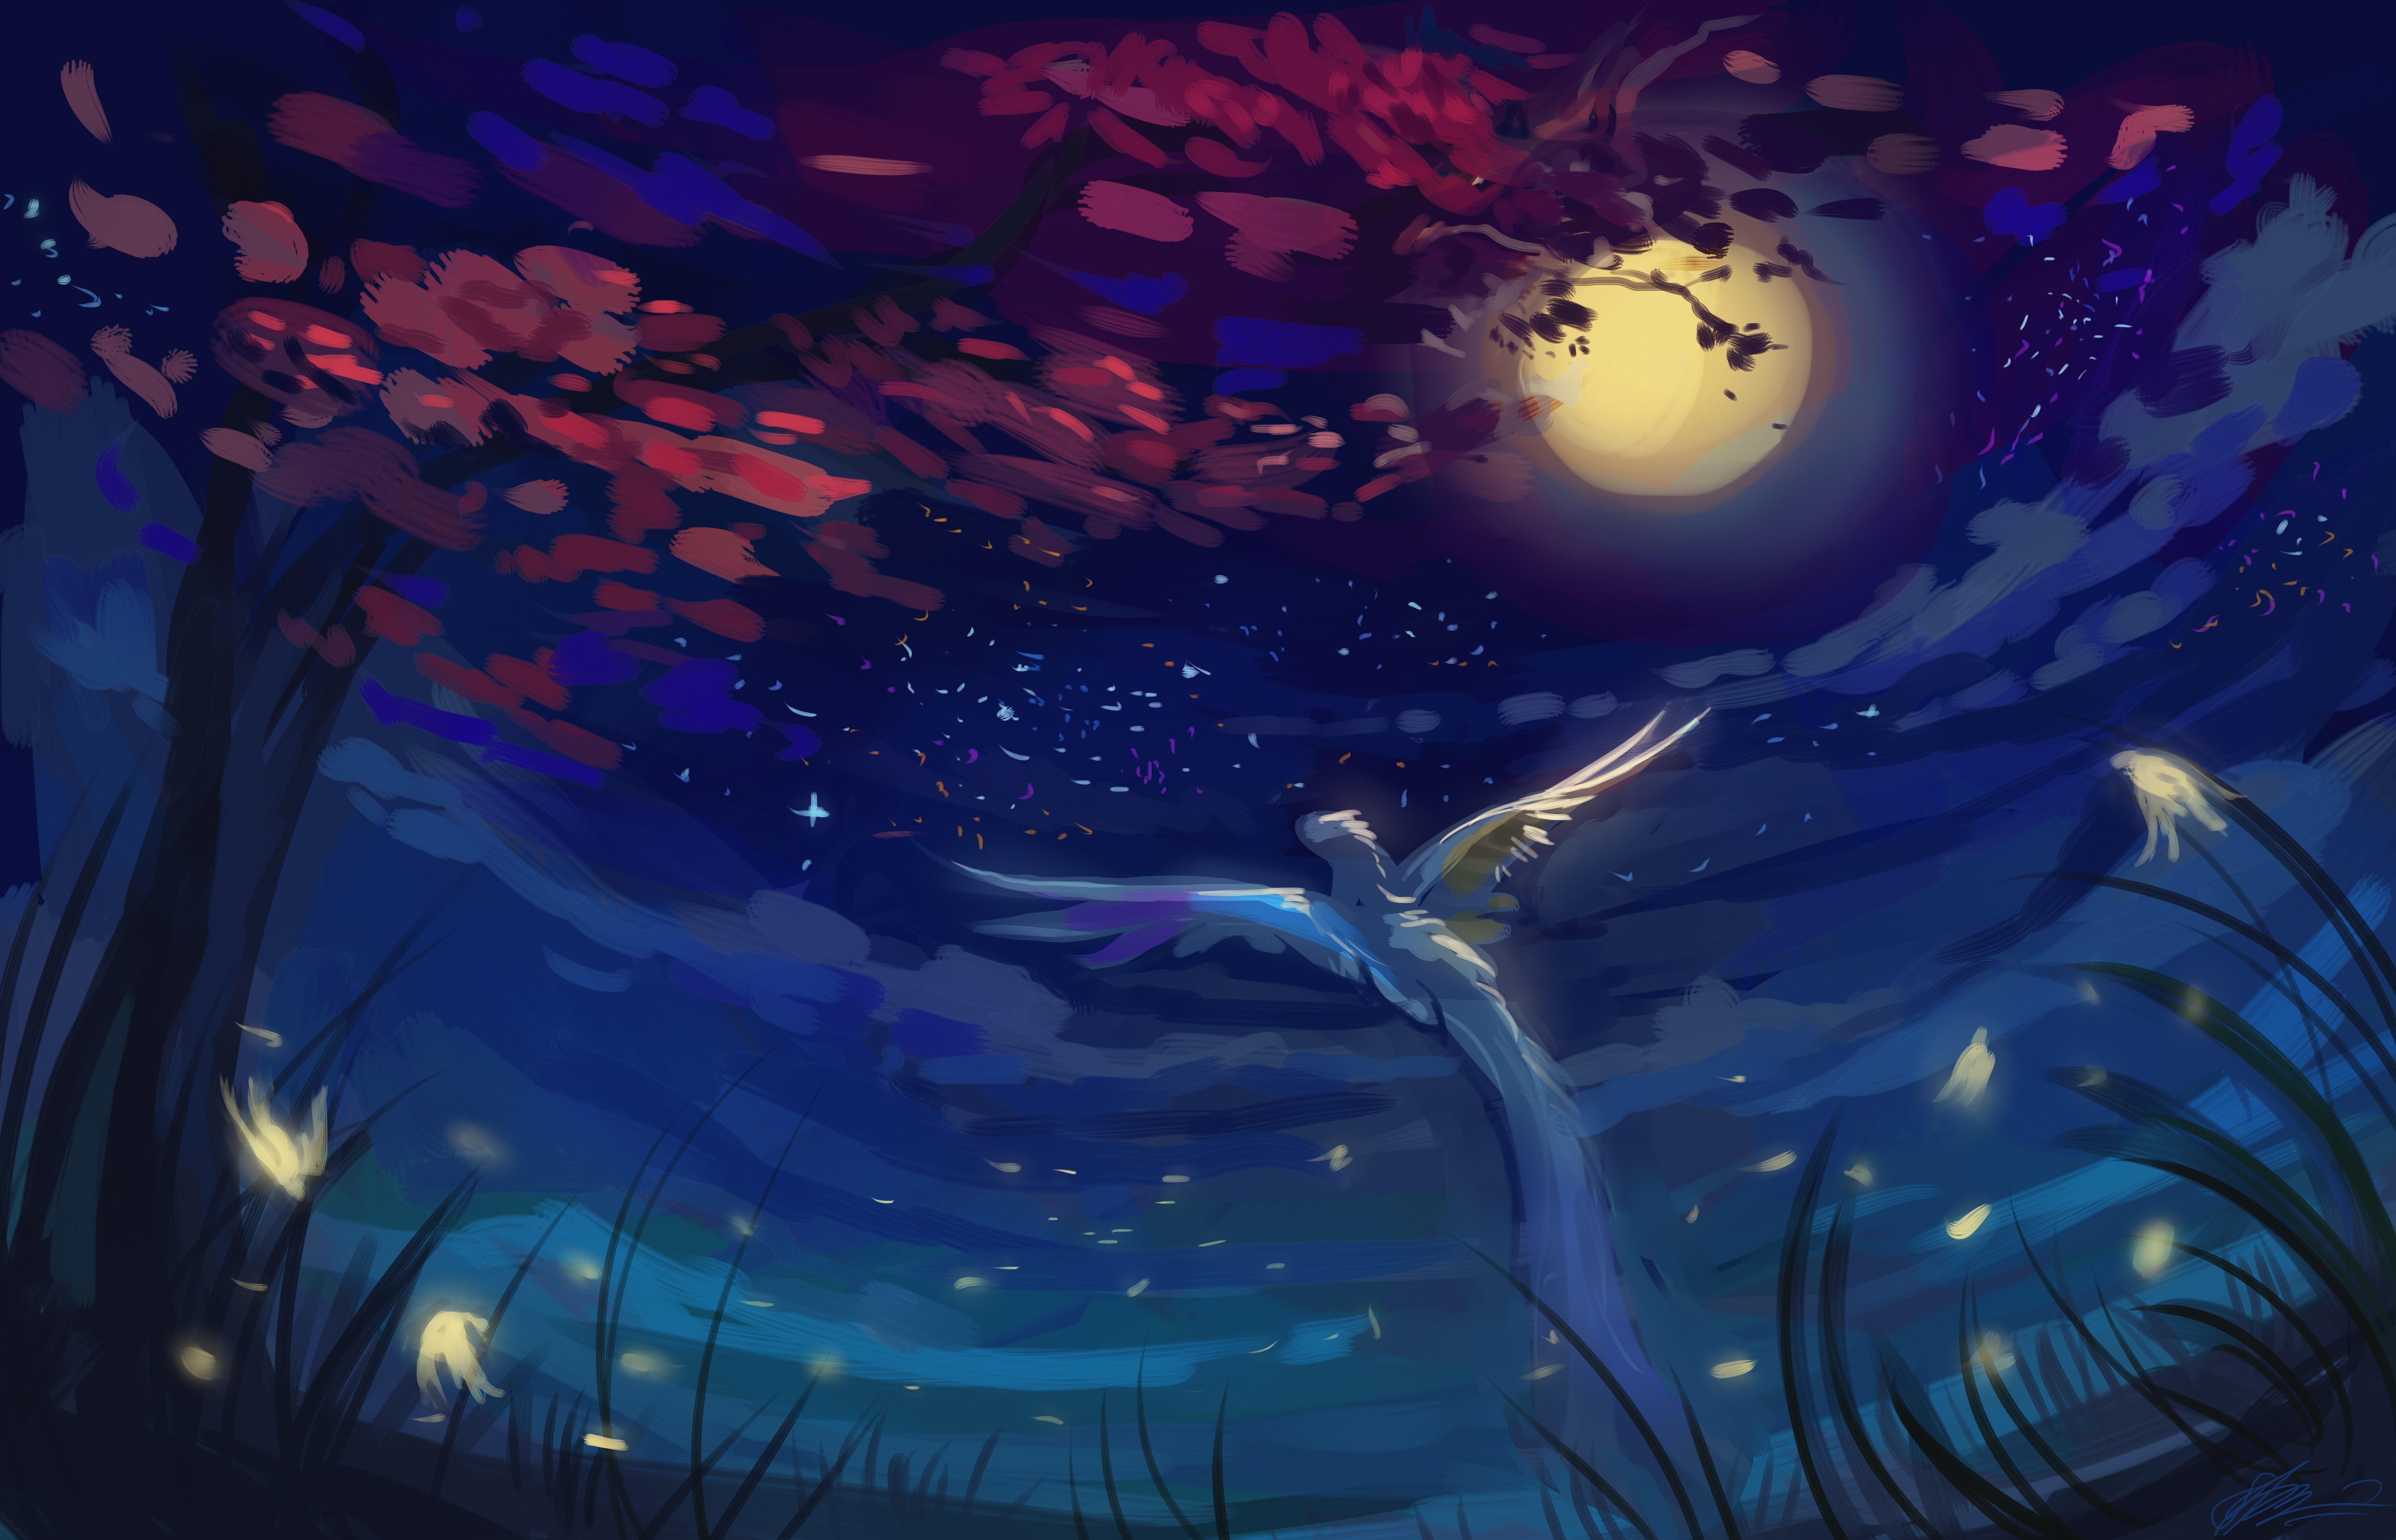 картинки птицы ночью большинстве случаев можно